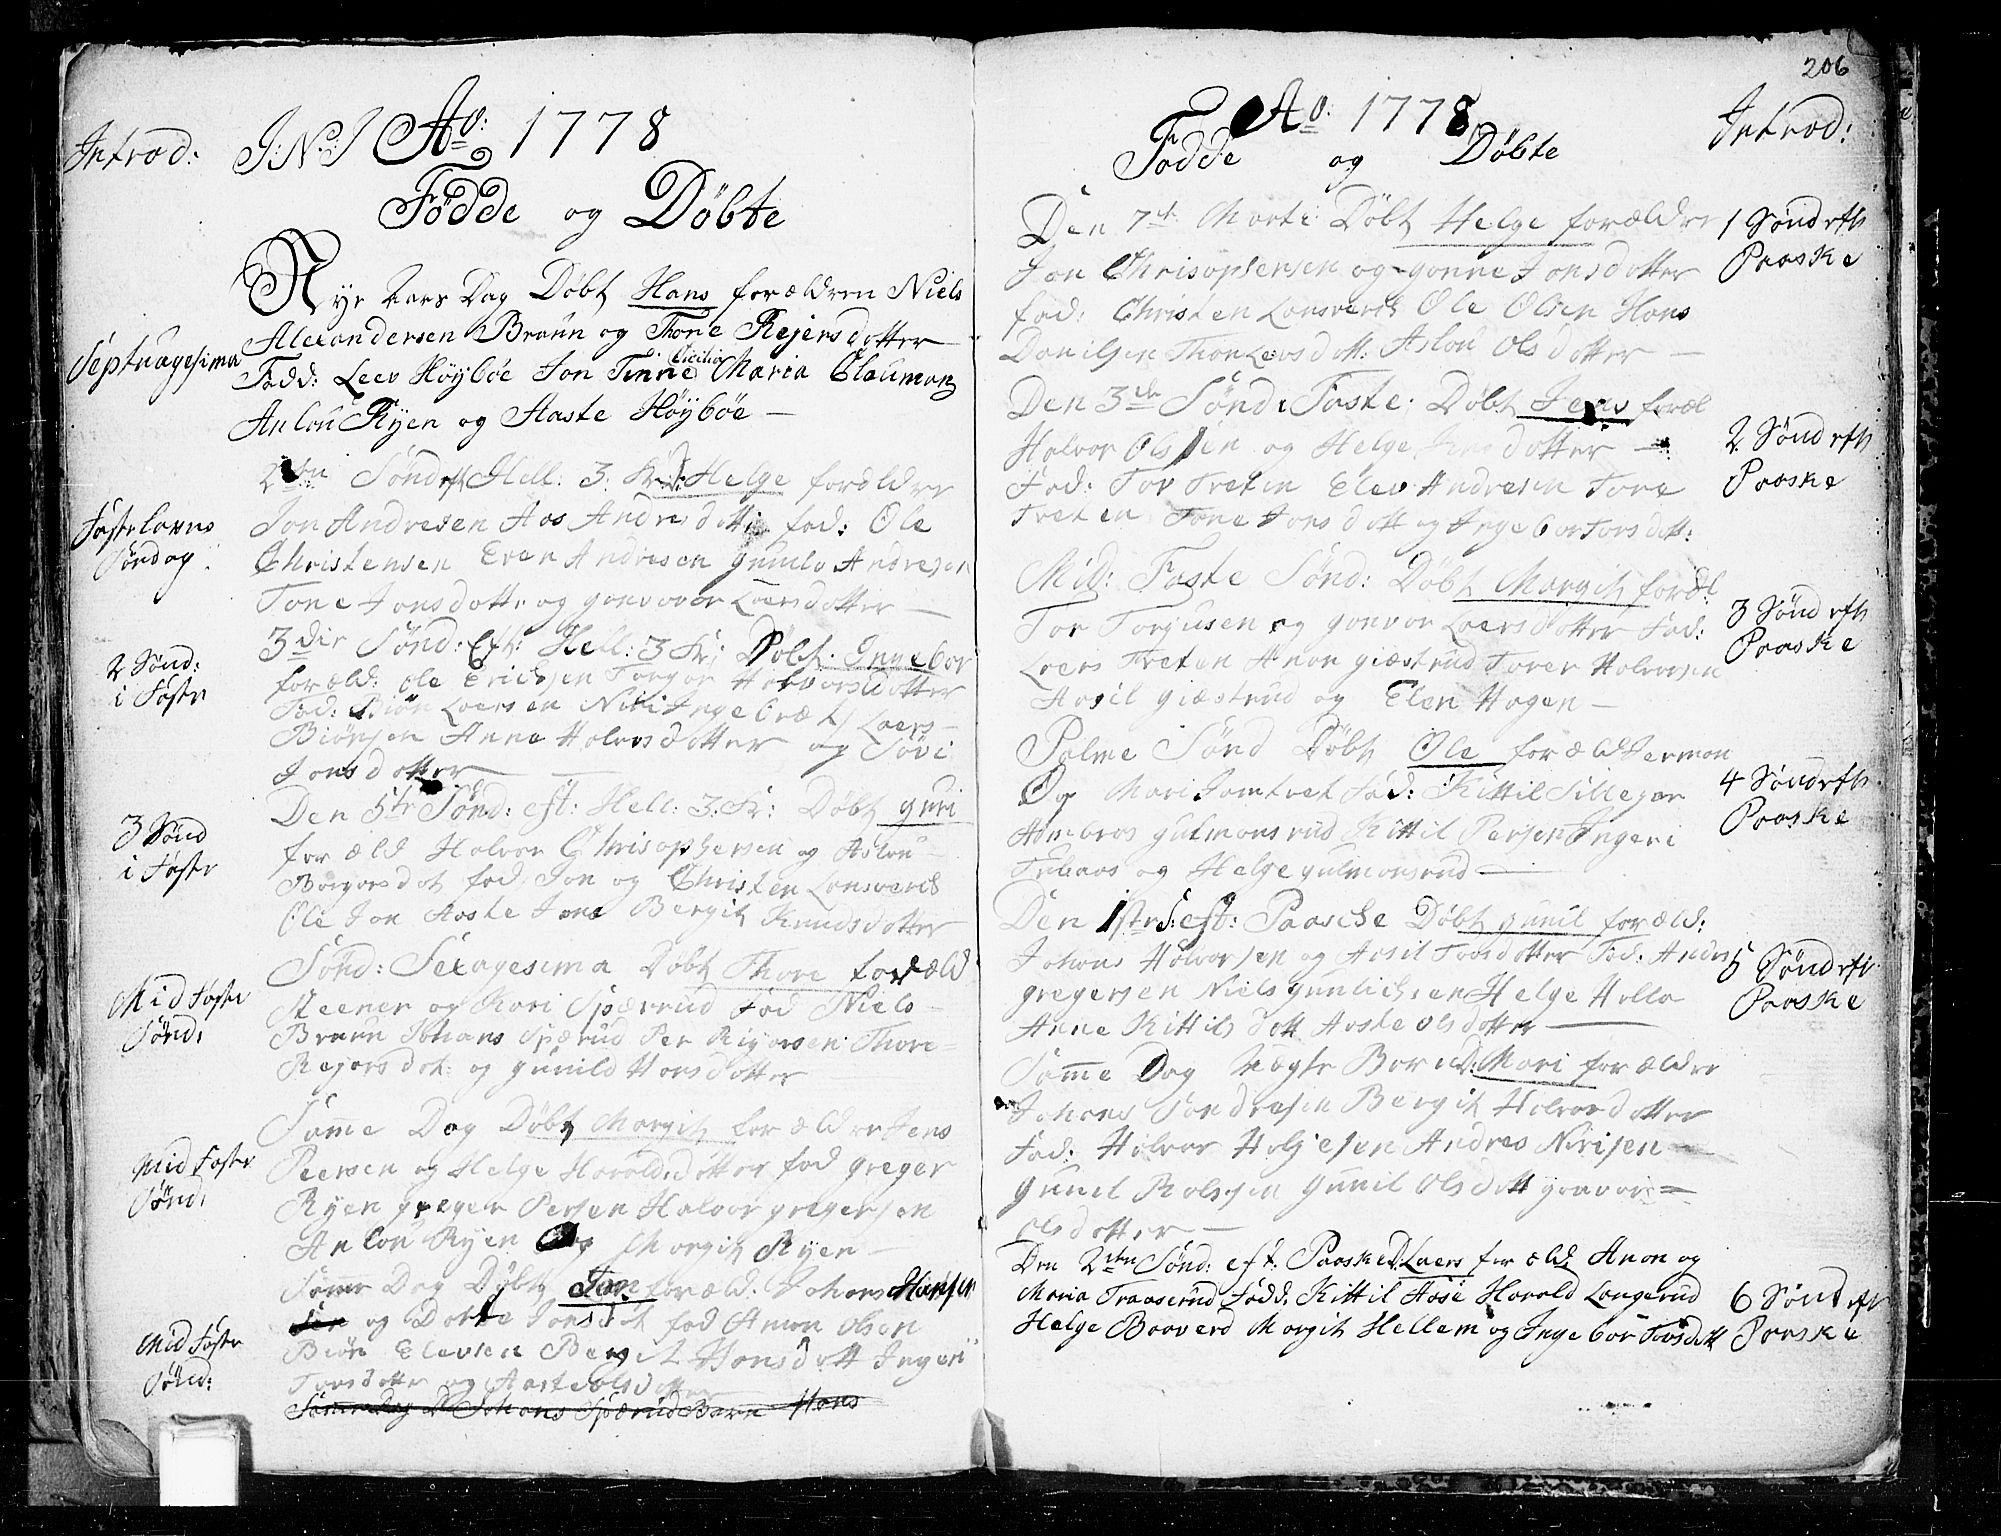 SAKO, Heddal kirkebøker, F/Fa/L0003: Ministerialbok nr. I 3, 1723-1783, s. 206